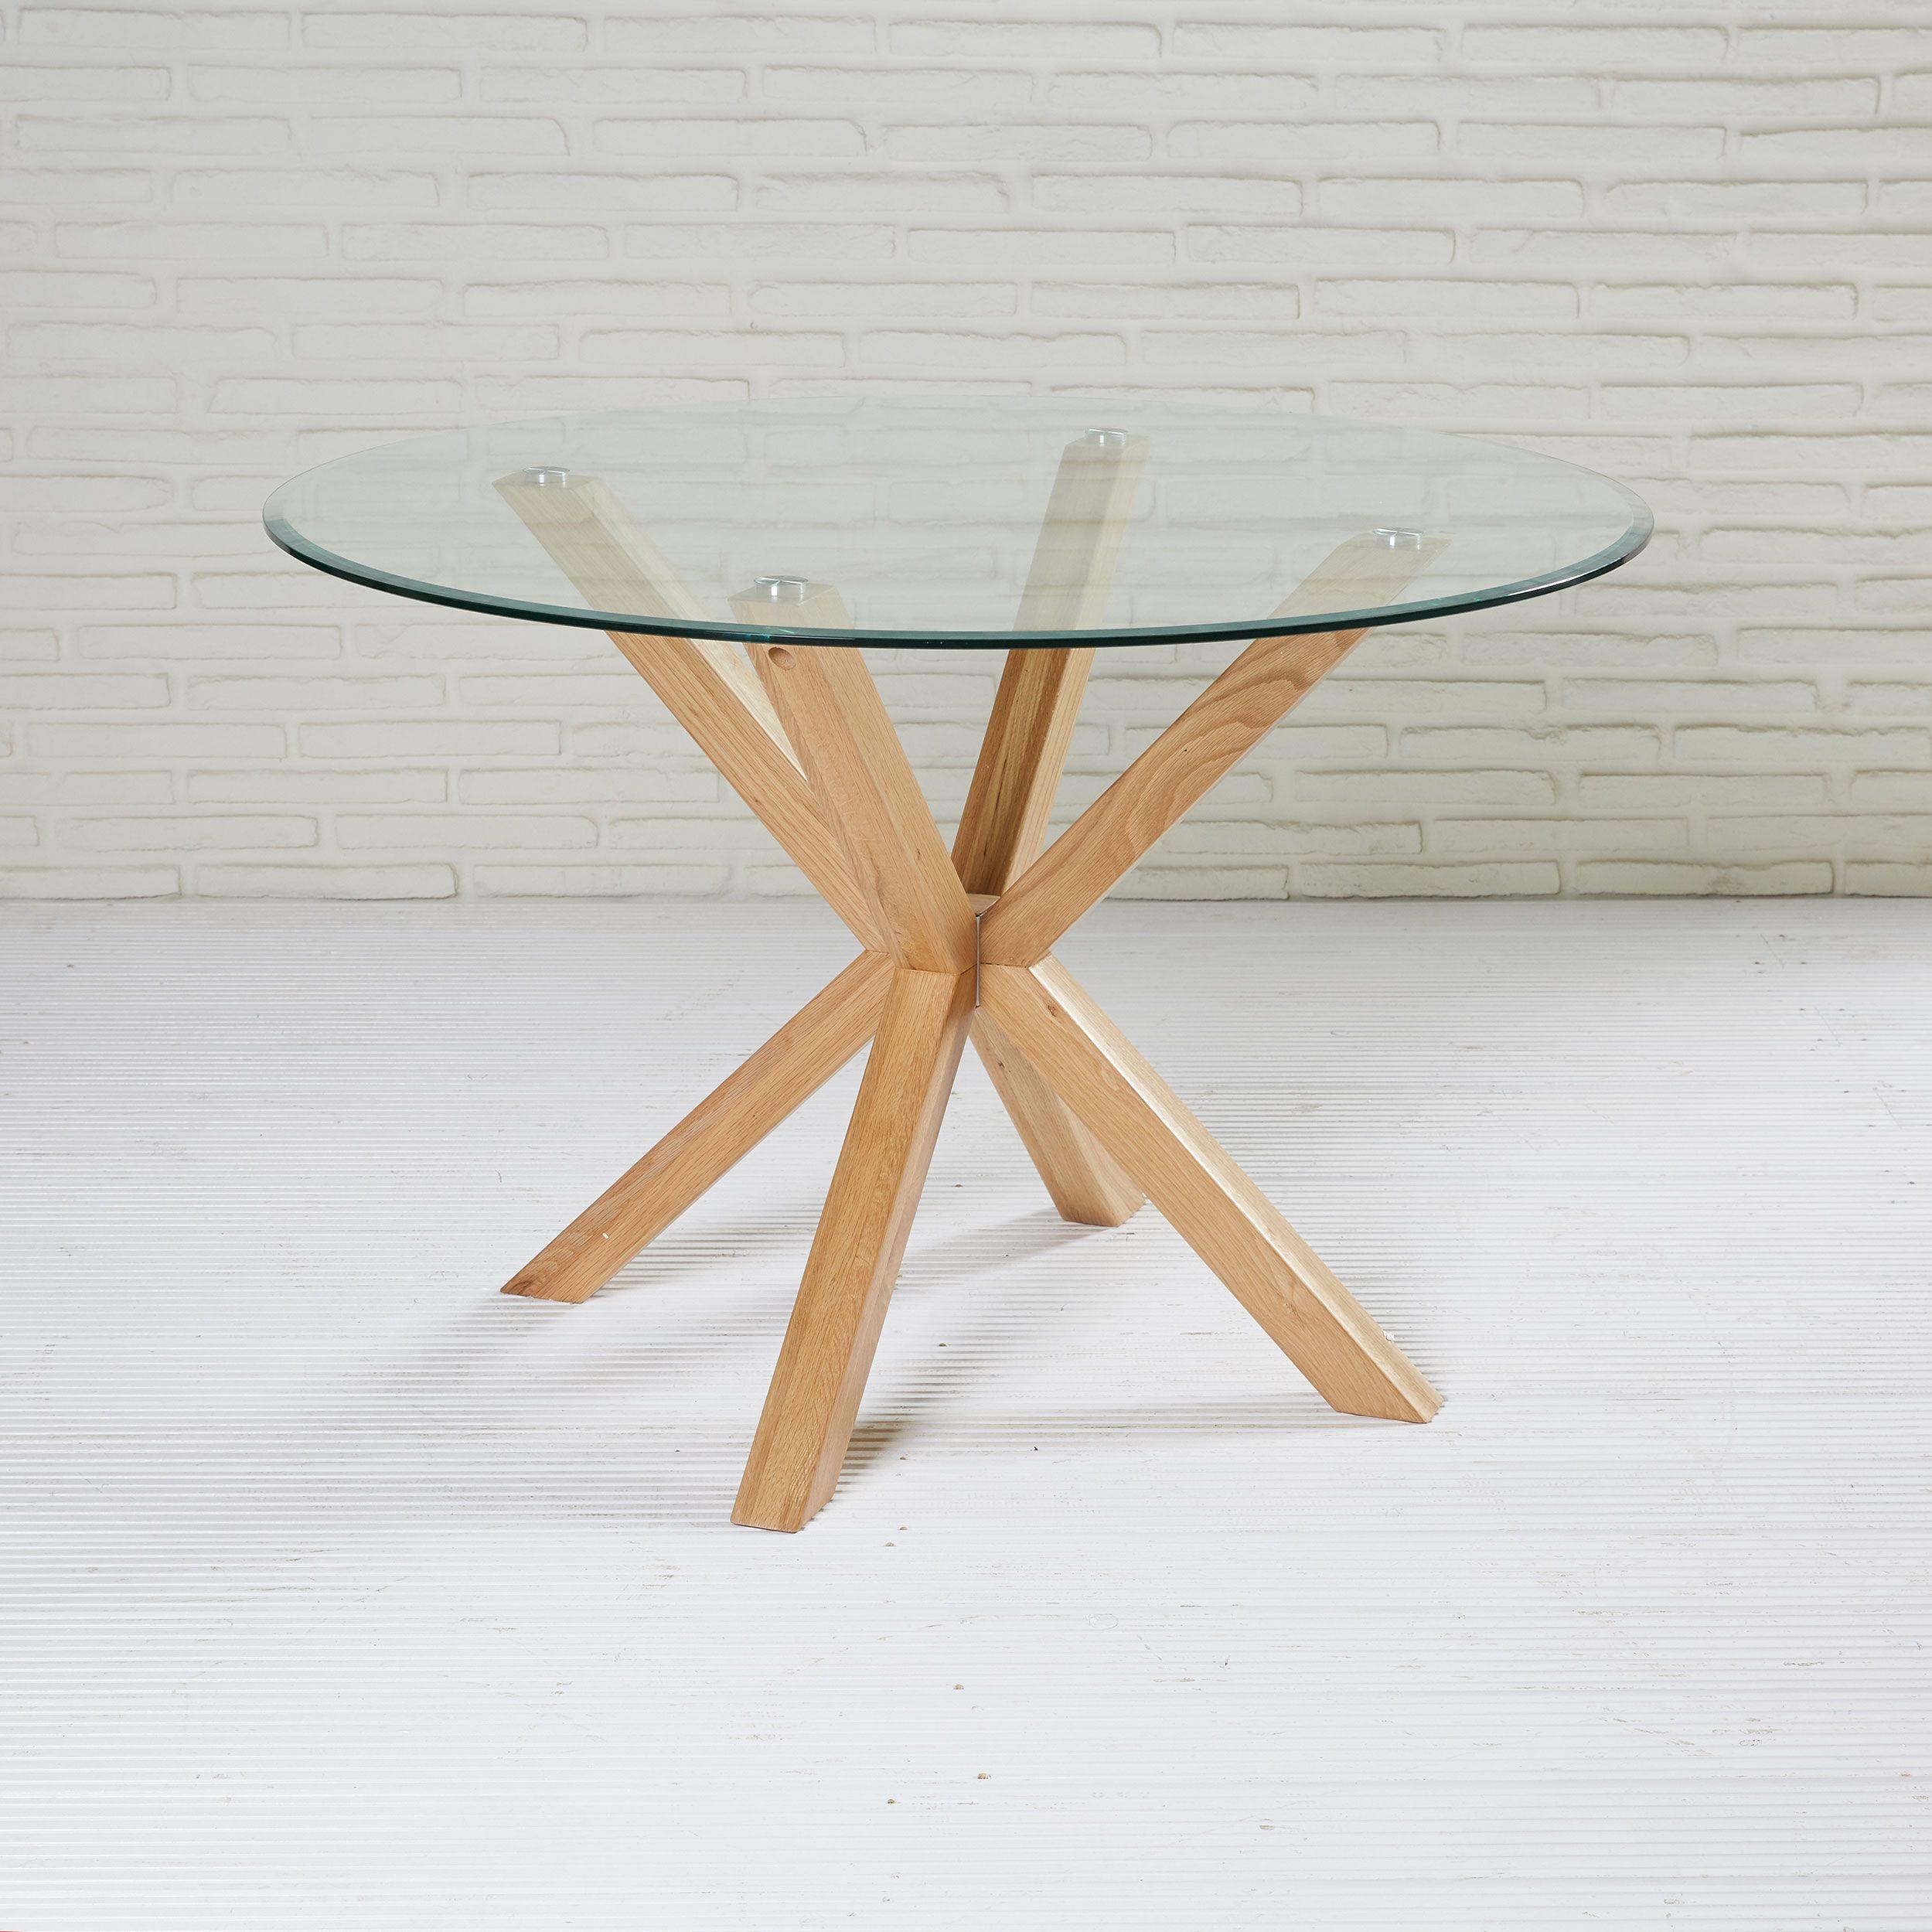 Runder Esstisch Mit Glasplatte Tisch Esstisch Esszimmertisch Glasplatte Holz Glastische Esstisch Mit Glasplatte Esstisch